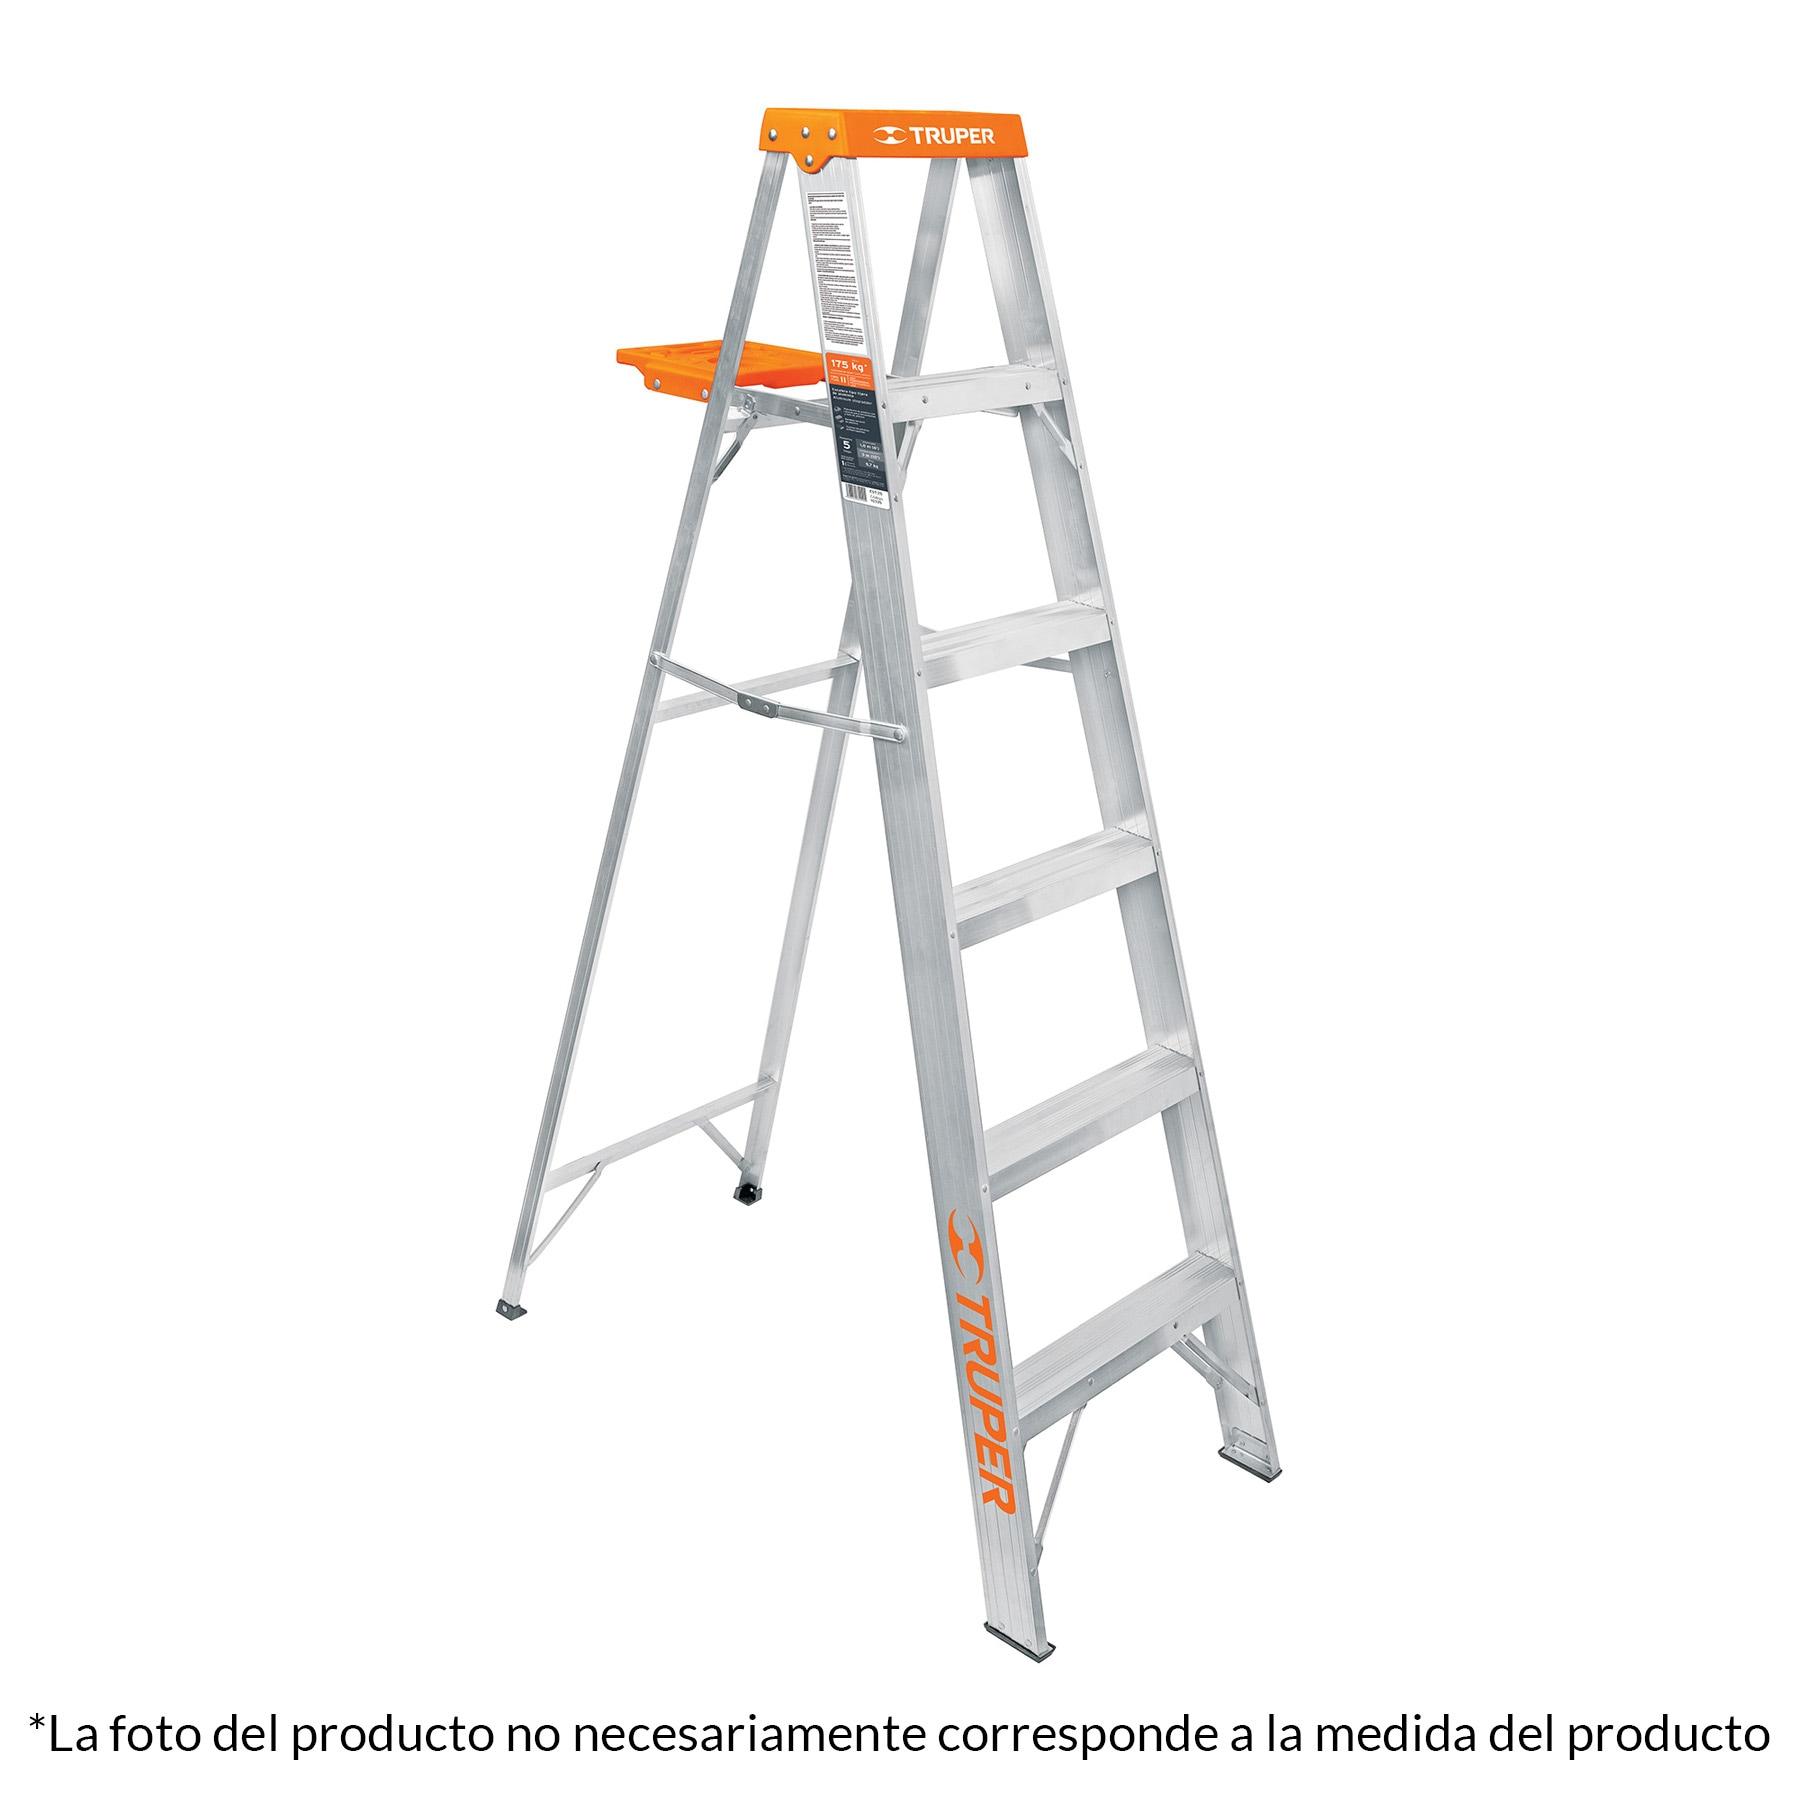 Escalera de tijera tipo II, 9 escalones, con bandeja